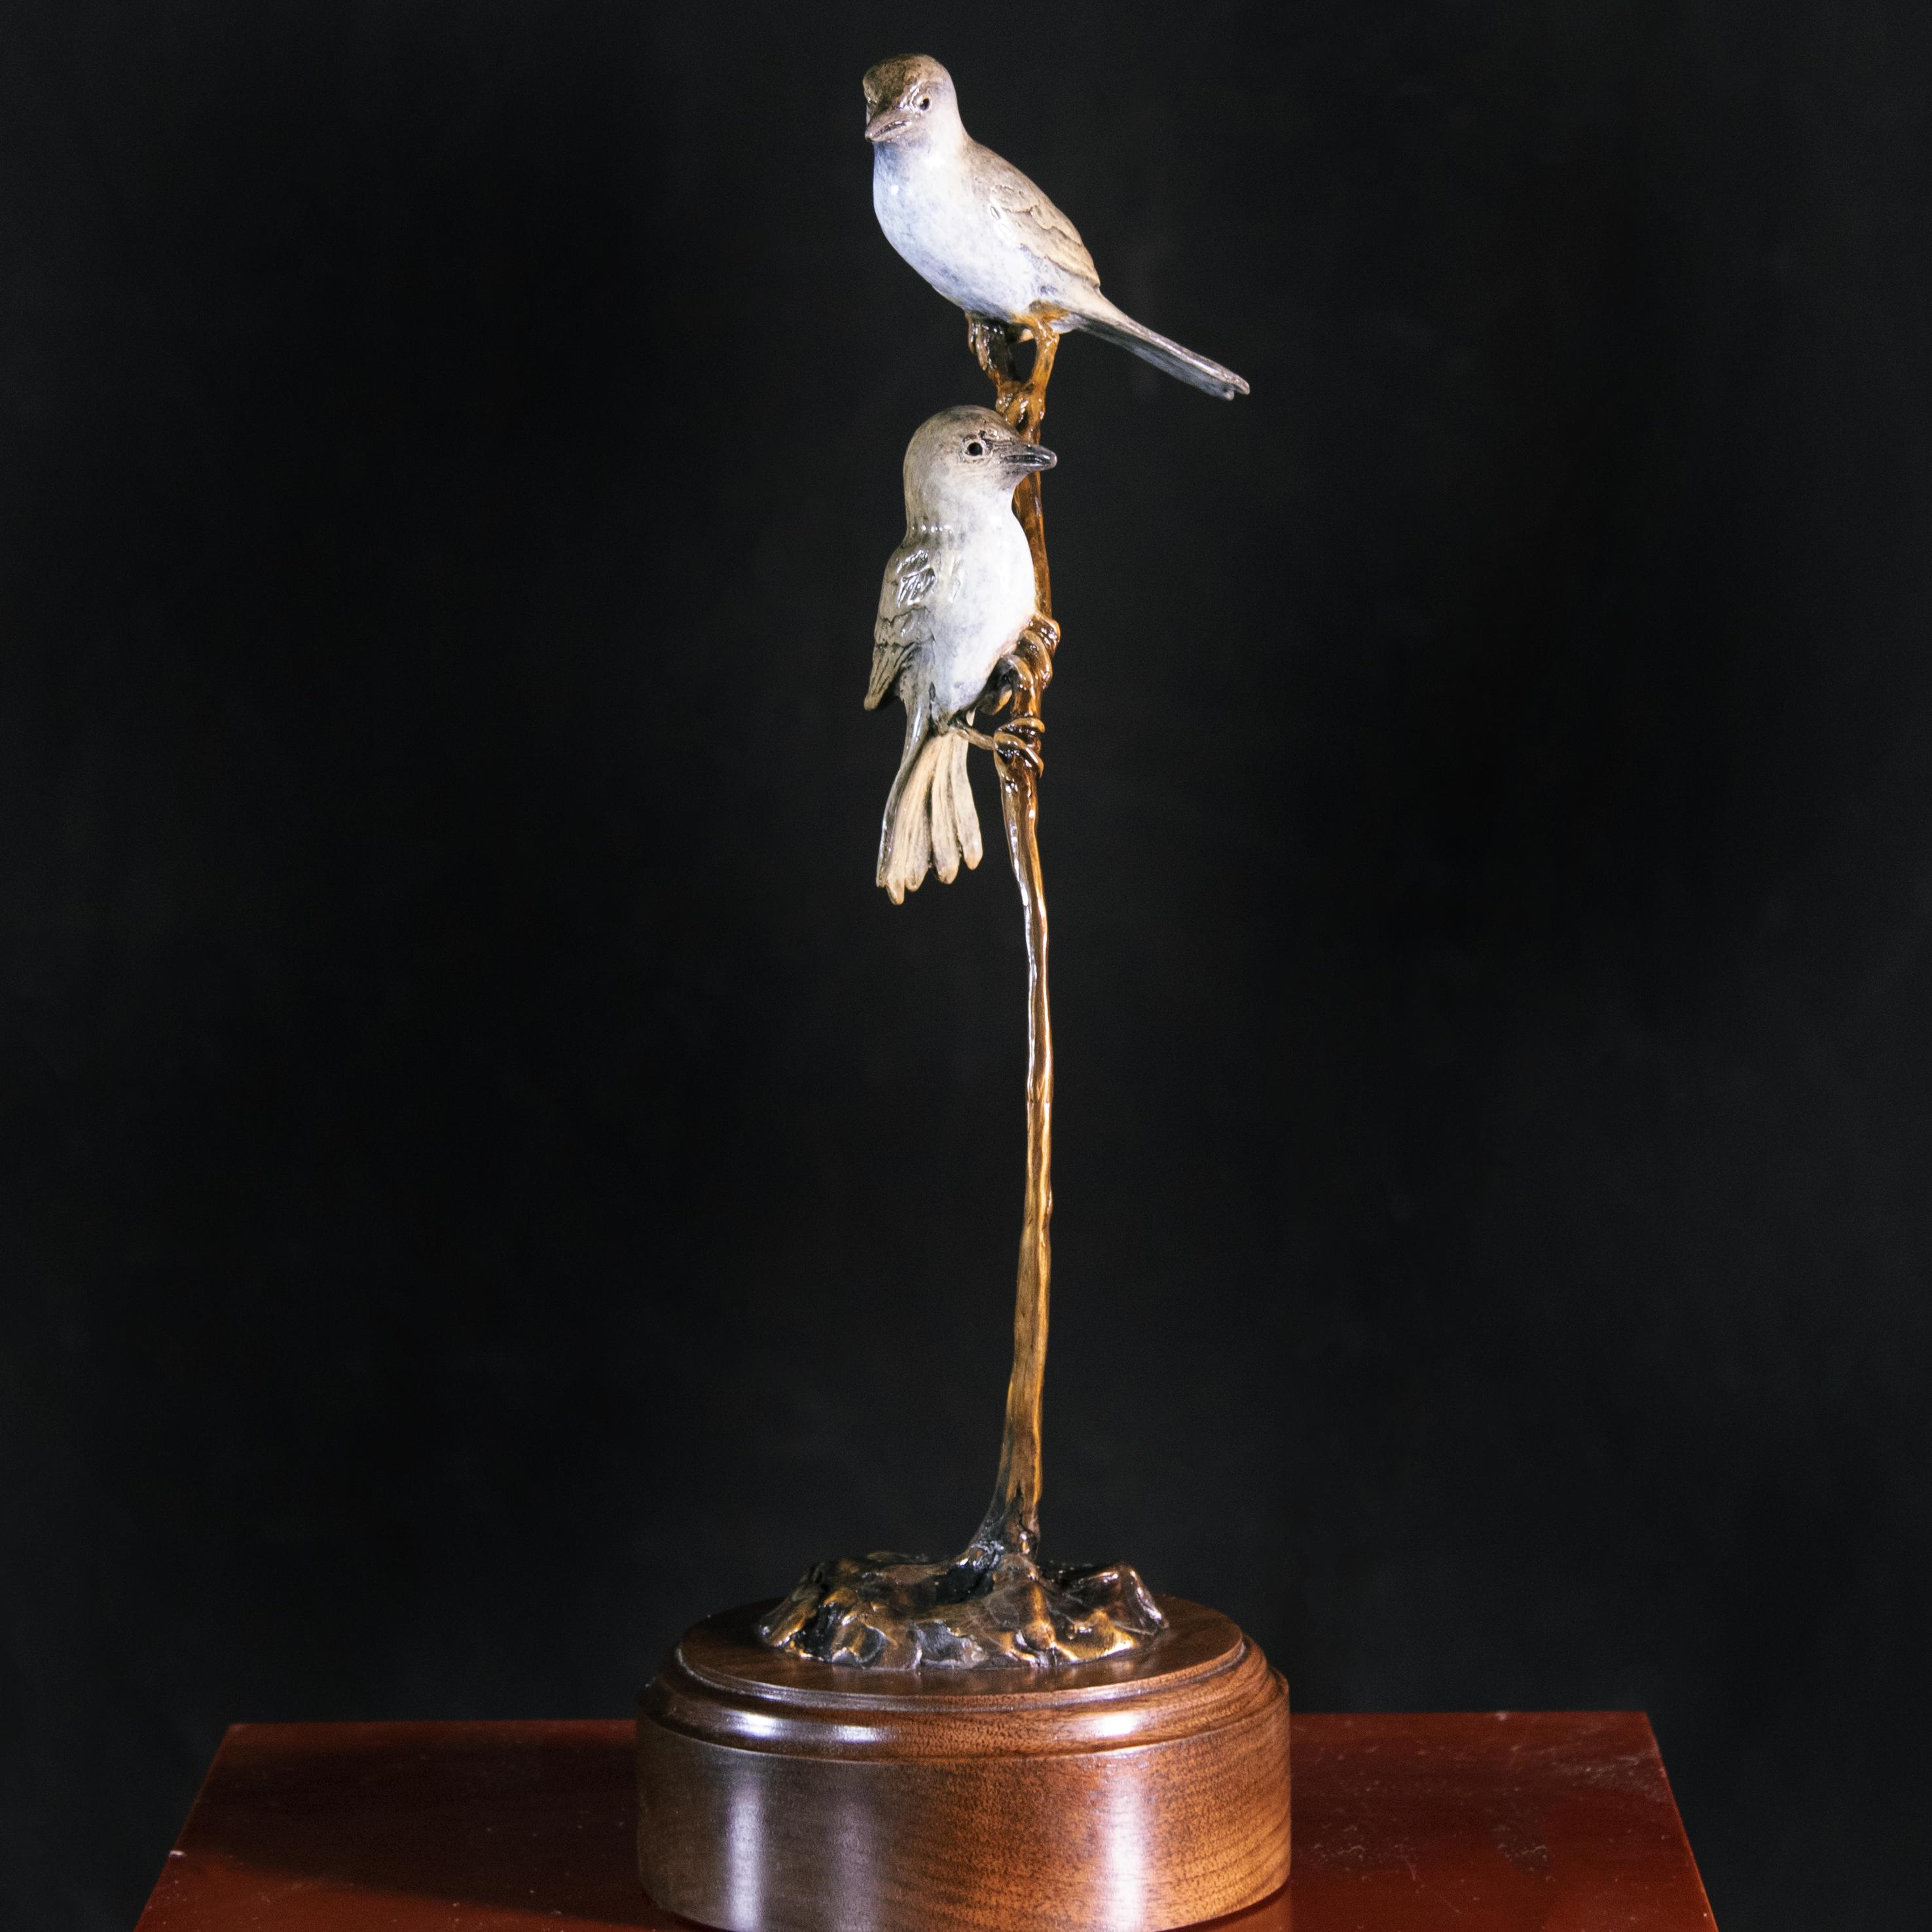 Grasshopper Sparrow Artwork Collection